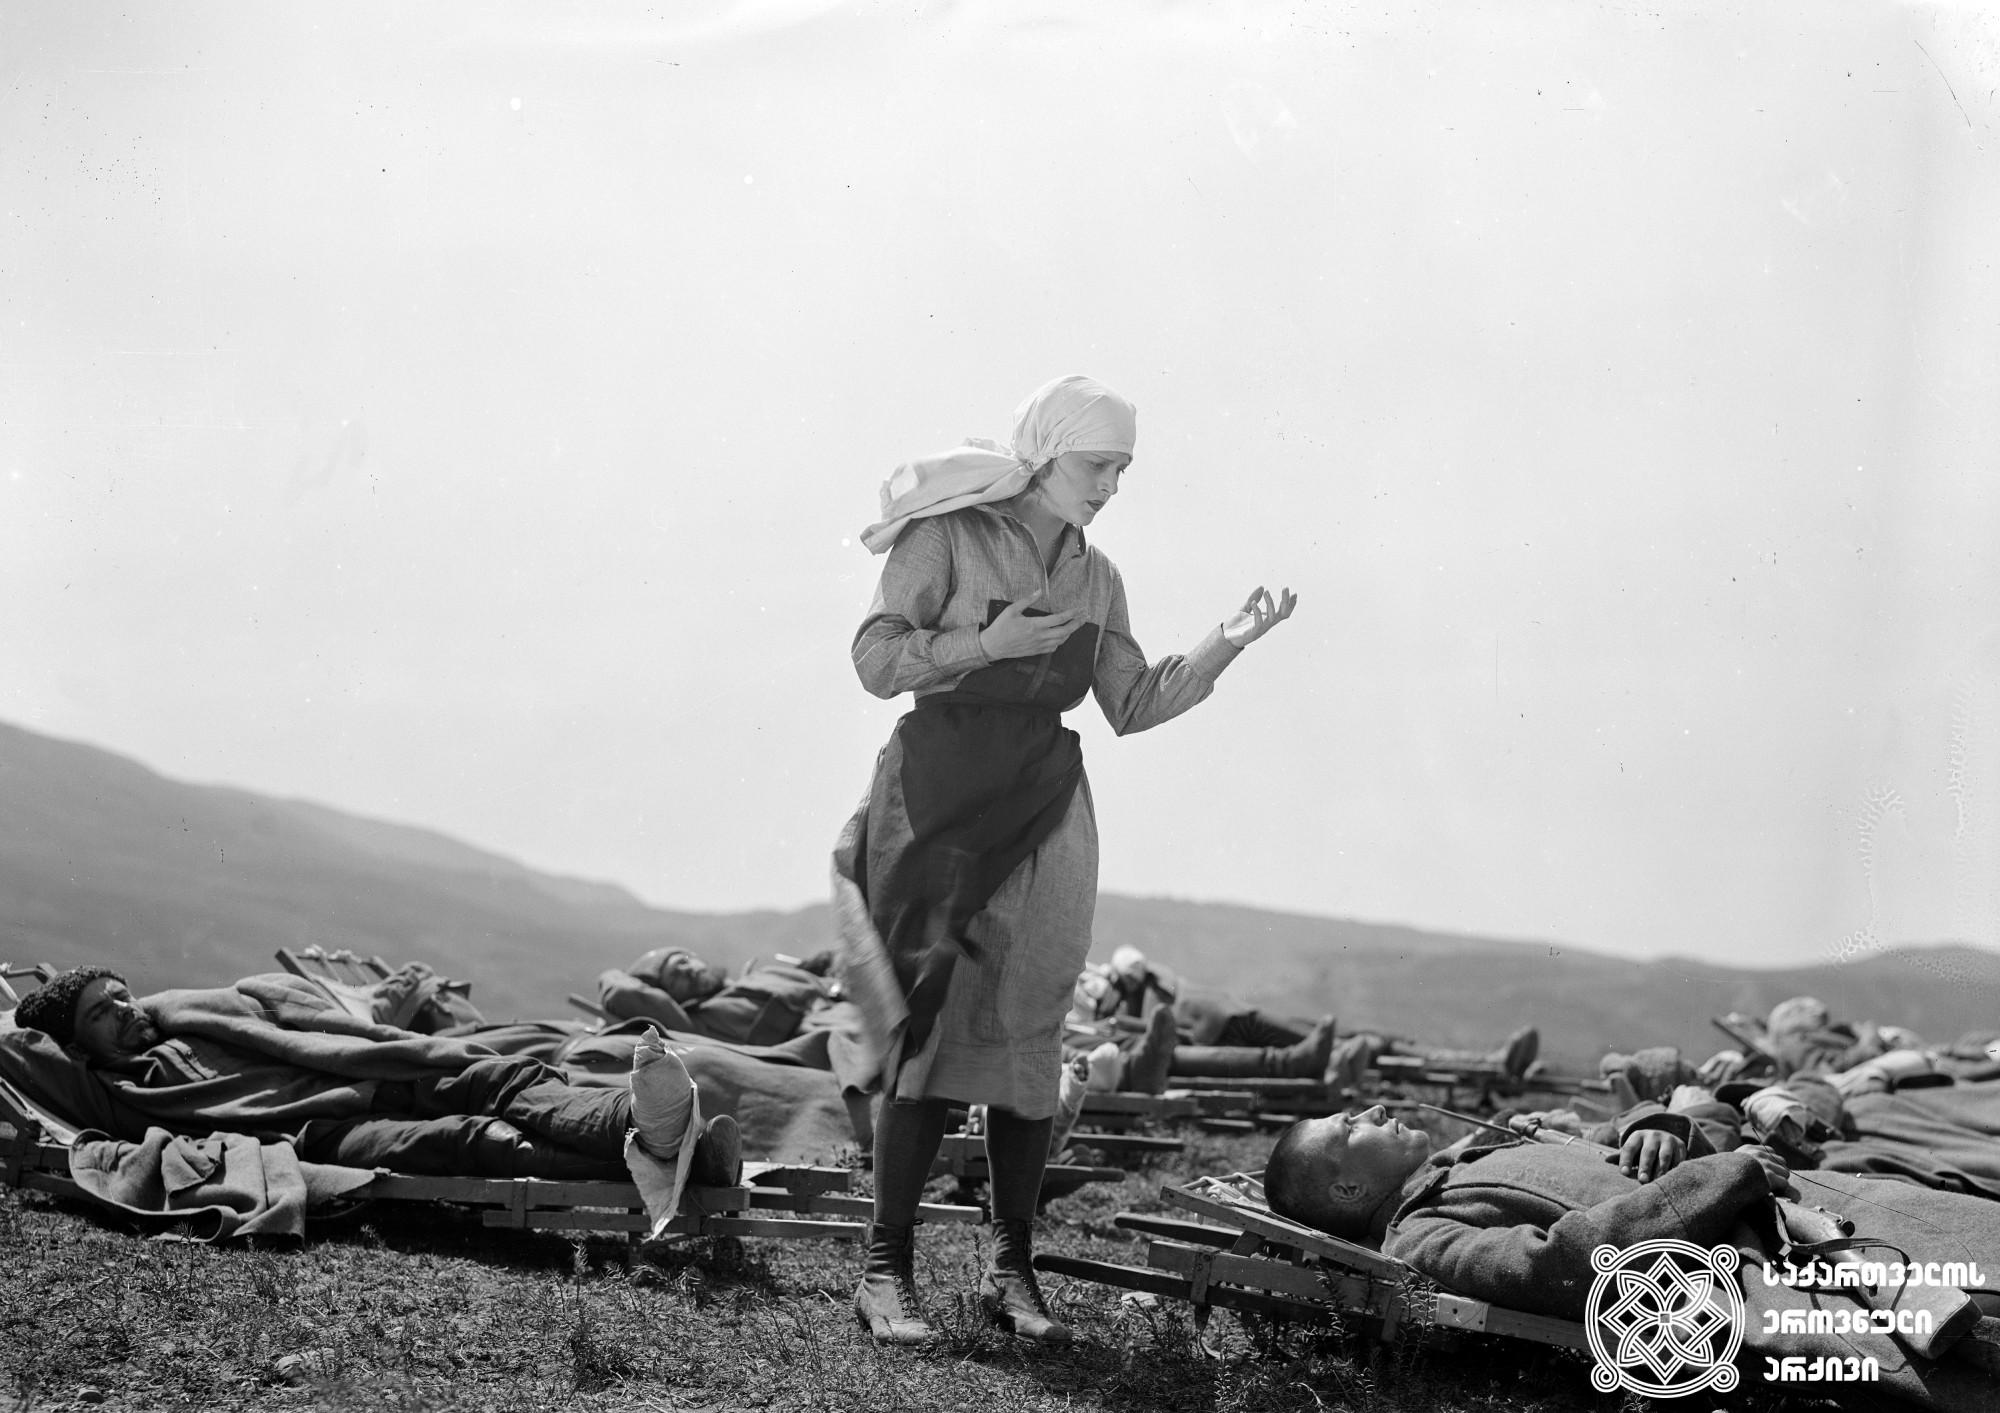 """""""კაზაკები"""". 1928. <br>  რეჟისორი:  ვლადიმერ ბარსკი. <br> სცენარის ავტორები: ვიქტორ შკლოვსკი, ვლადიმერ ბარსკი. ოპერატორი: ფერდინანდ გეგელე. მხატვარი: ვალერიან სიდამონ-ერისთავი. <br>  ფილმი გადაღებულია ლევ ტოლსტოის ამავე სახელწოდების მოთხრობის მიხედვით. <br>  Kazakebi (Cossacks). 1928. <br>  Director: Vladimir Barsky. <br> Screenwriters: Victor Shklovsky, Vladimir Barsky. Camera operator: Ferdinand Gegele. Production designer: Valerian Sidamon-eristavi. <br>  Filmed according to Leo Tolstoy's story of the same title."""